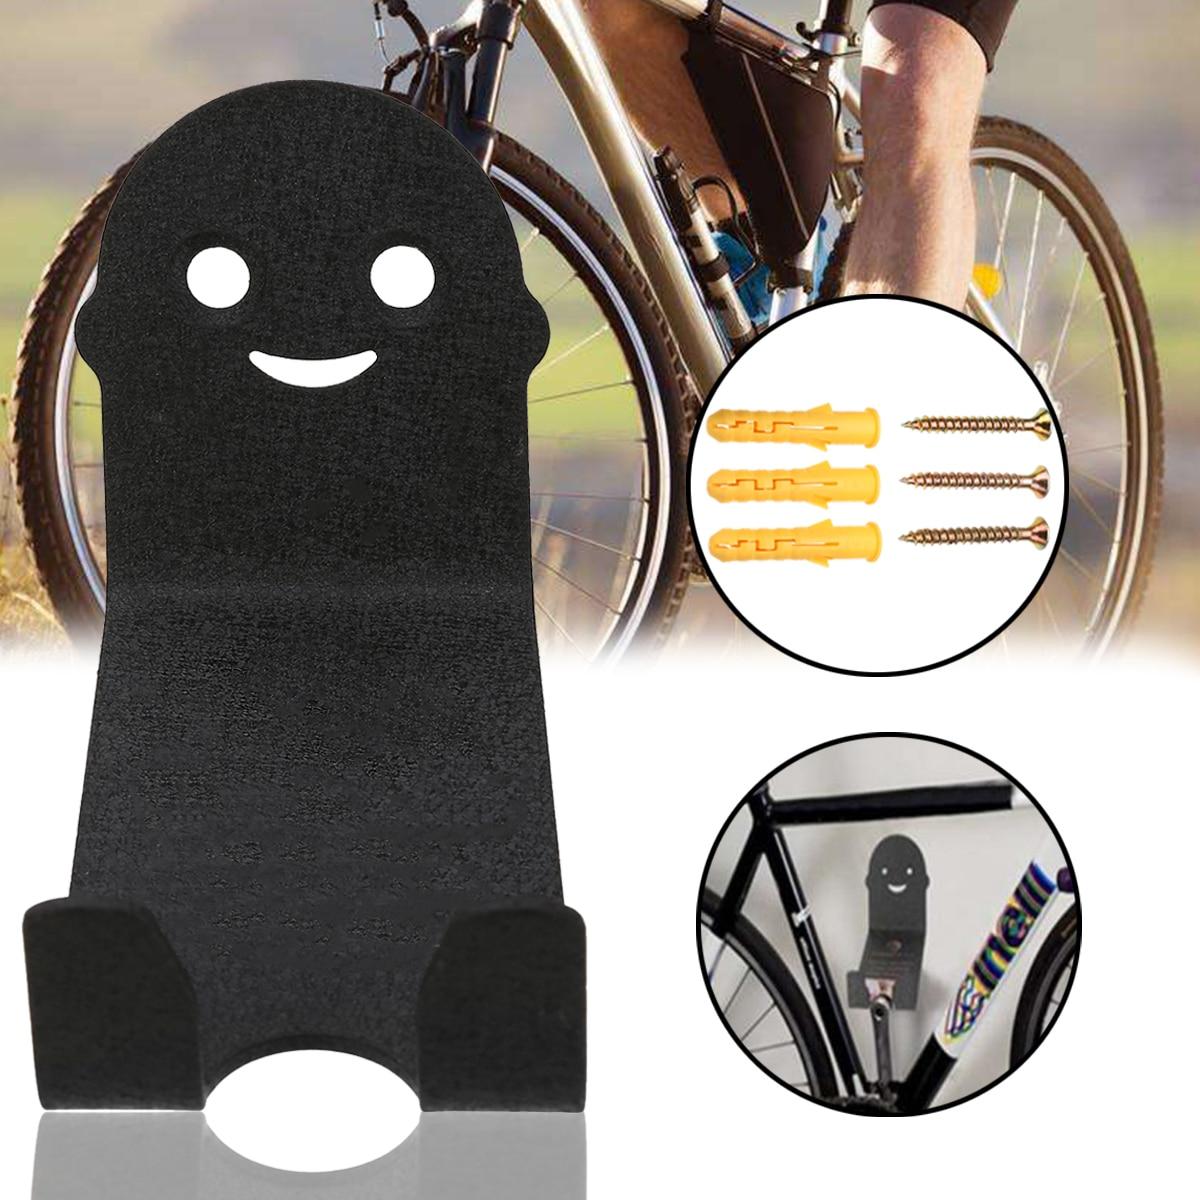 Pédale de bicyclette Mur De Stockage De Montage Cintre Stand Rack Support En Acier Vélo Vélo Pédale Pneu De Stockage Cintre Rack Accessoires Vélo